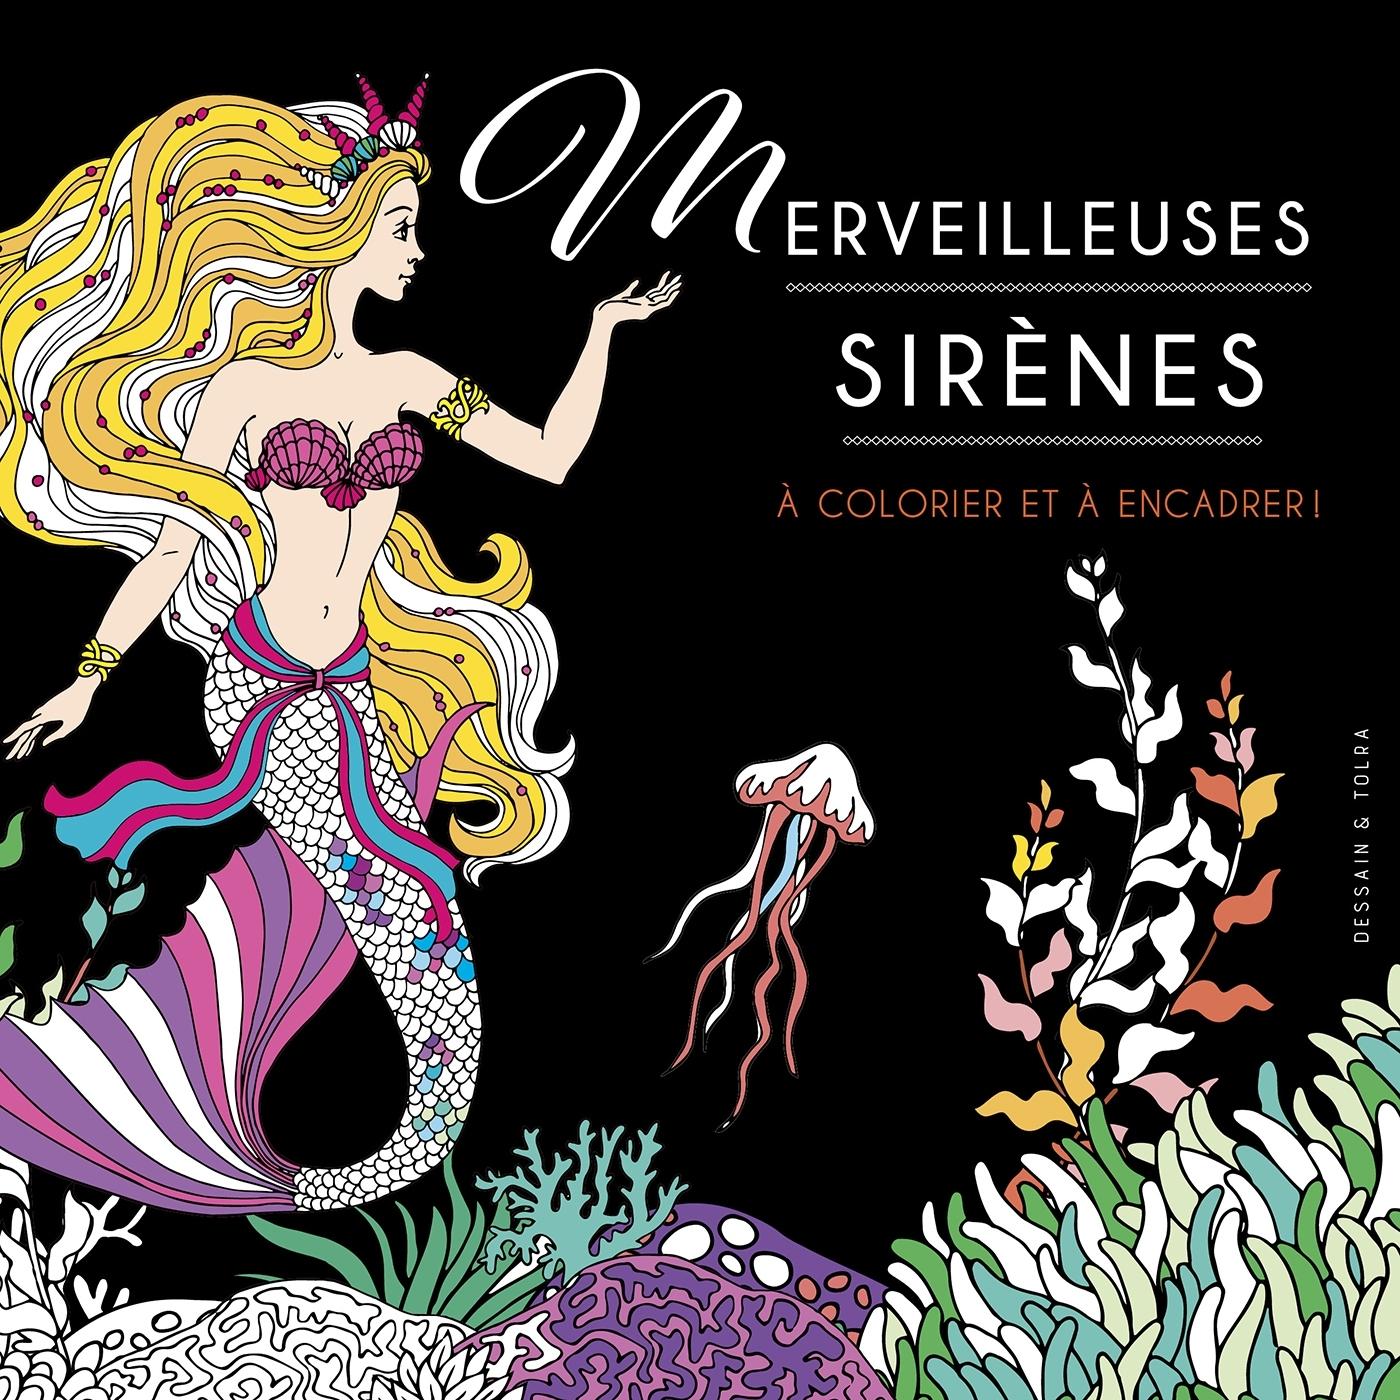 SIRENES - A COLORIER ET A ENCADRER